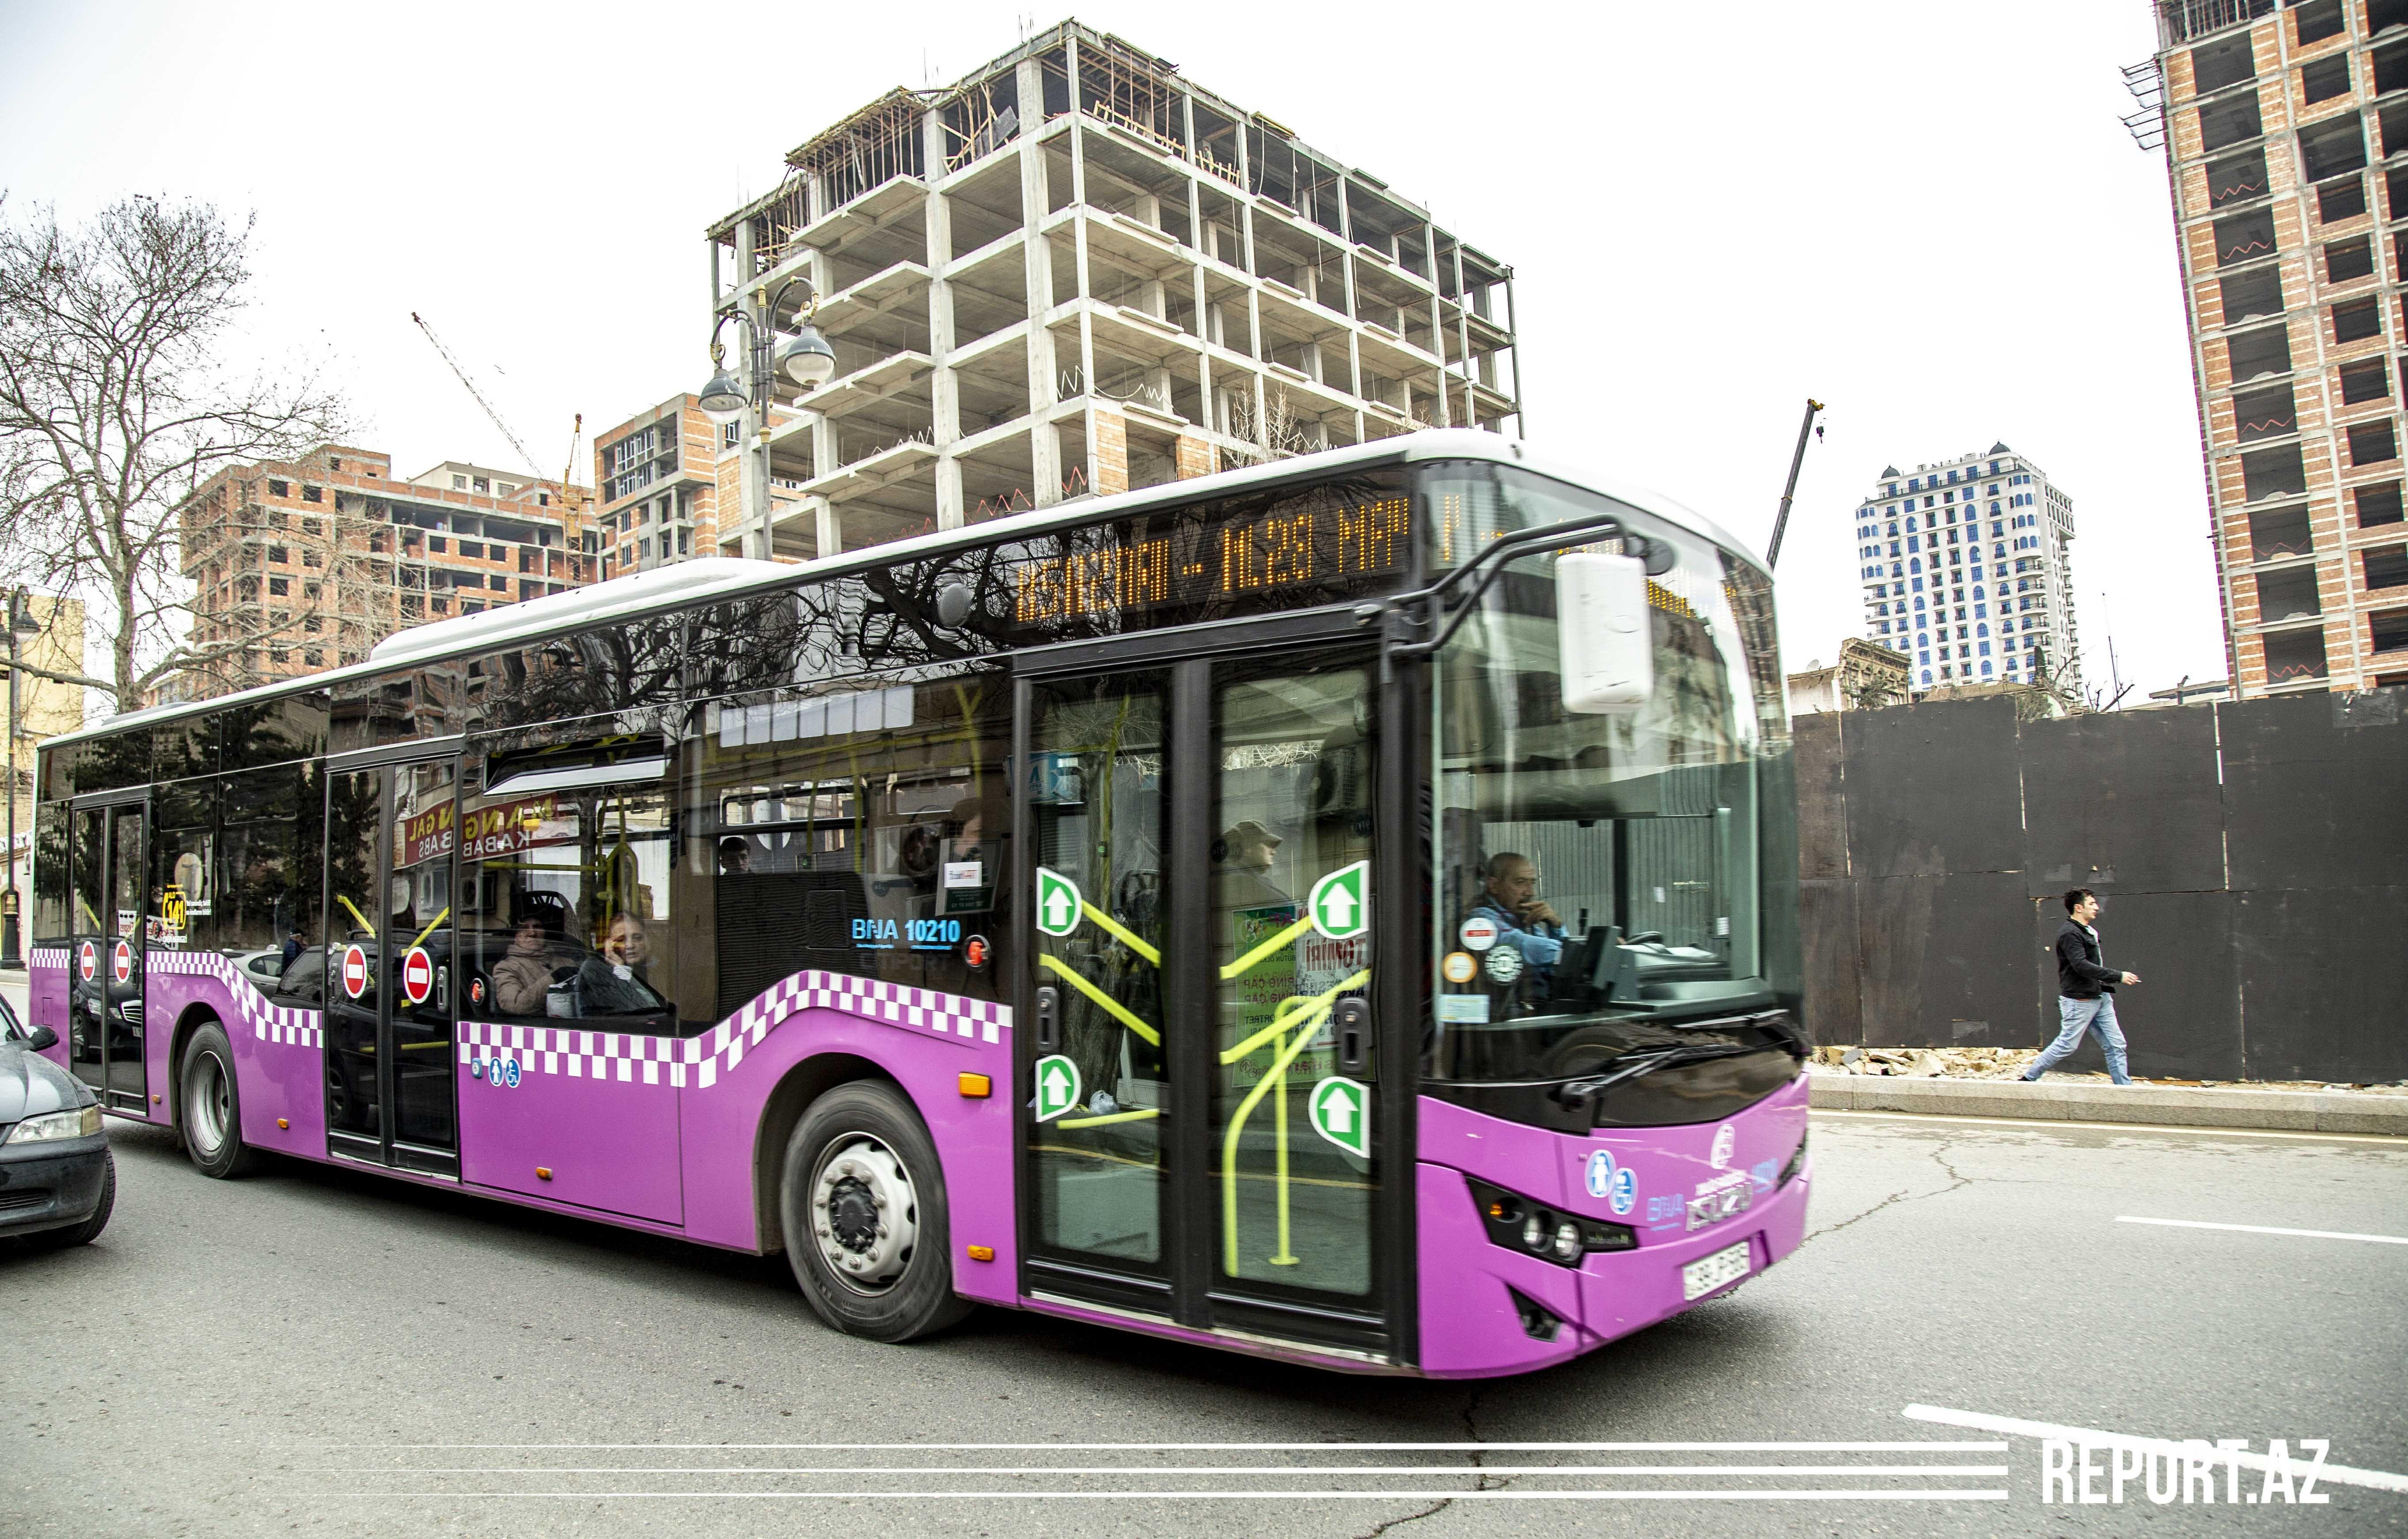 Движение общественного транспорта прекращено в 8 городах и районах